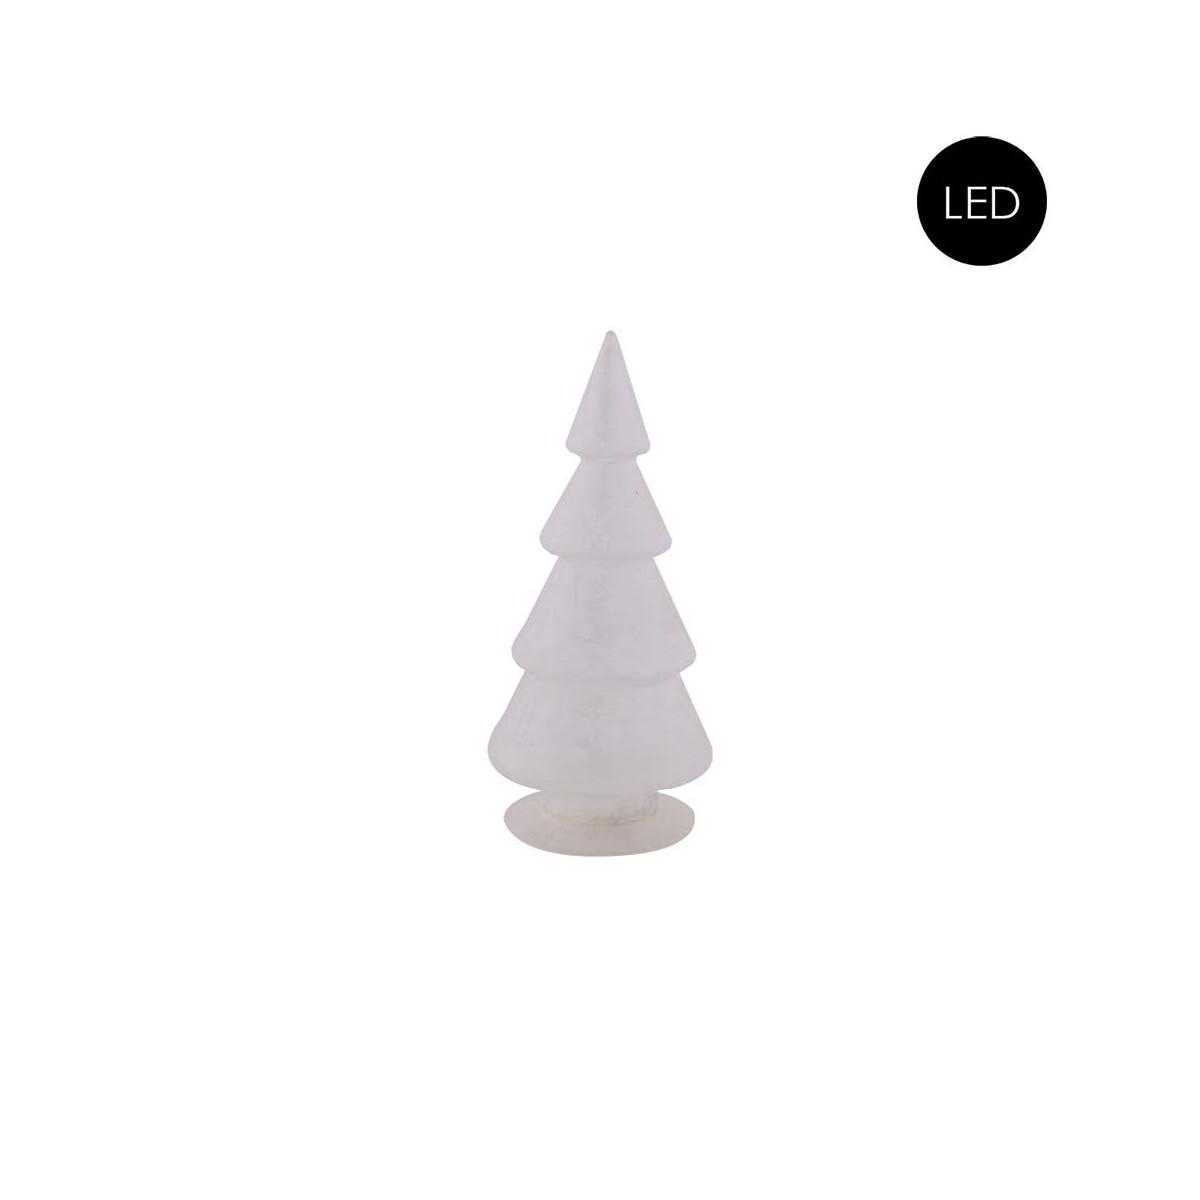 Glas Weihnachtsbaum Frostet Glas + LED Batteriebetrieben, Größe S, 9 ...